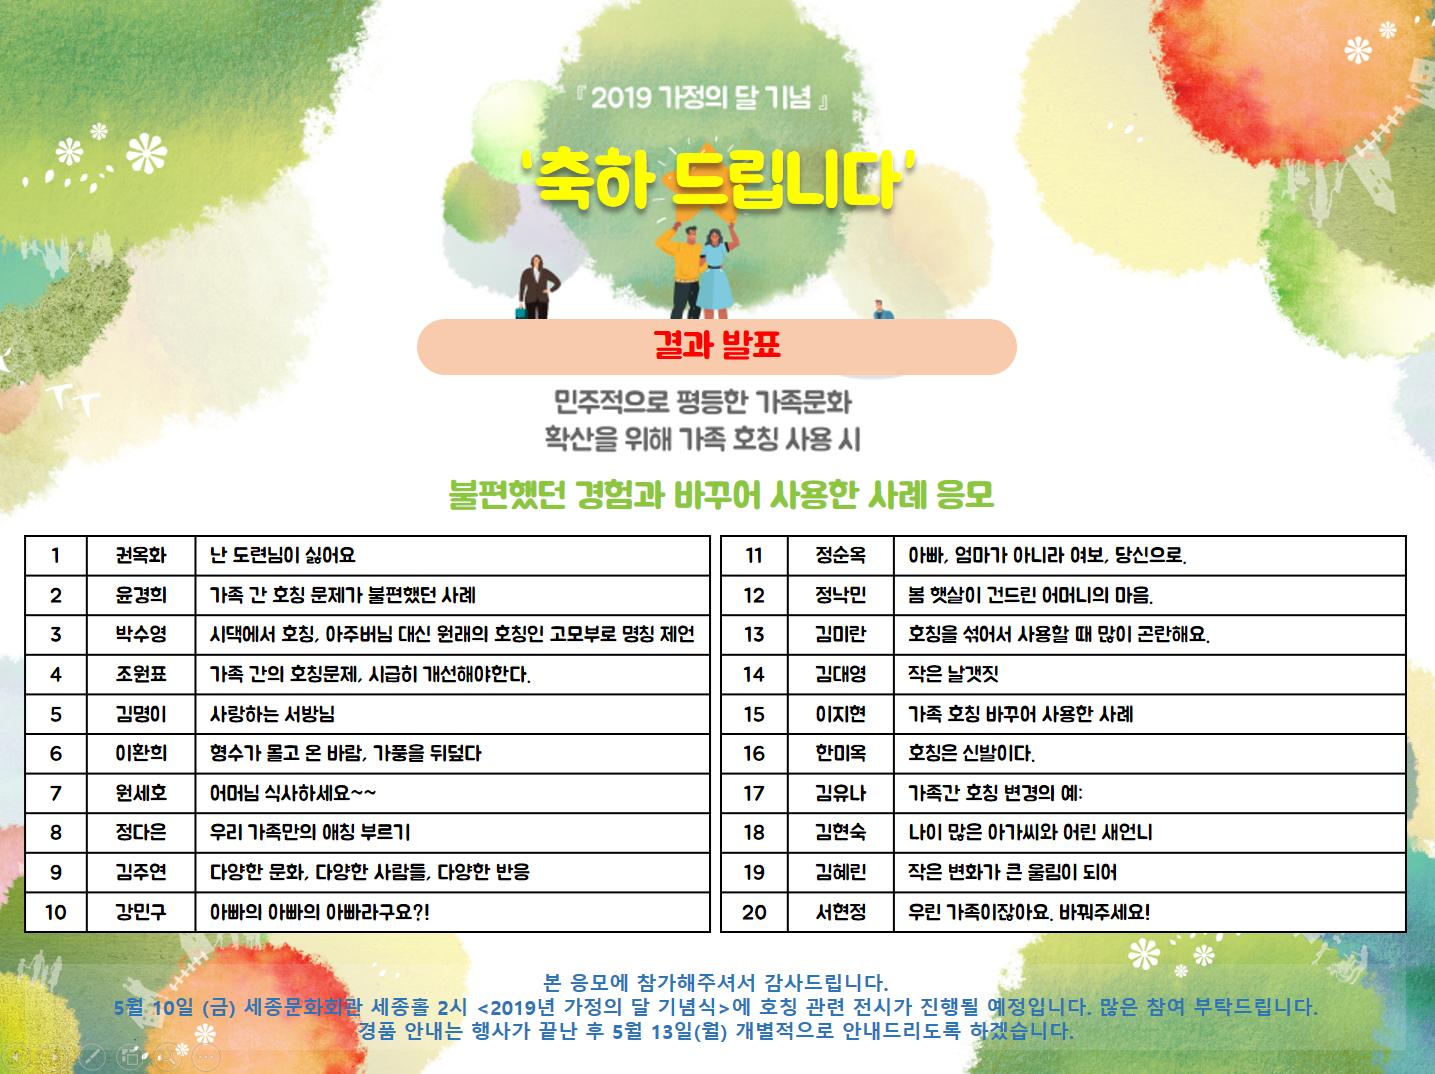 2019년 가정의달 기념 <가족호칭사례 이벤트> 결과발표